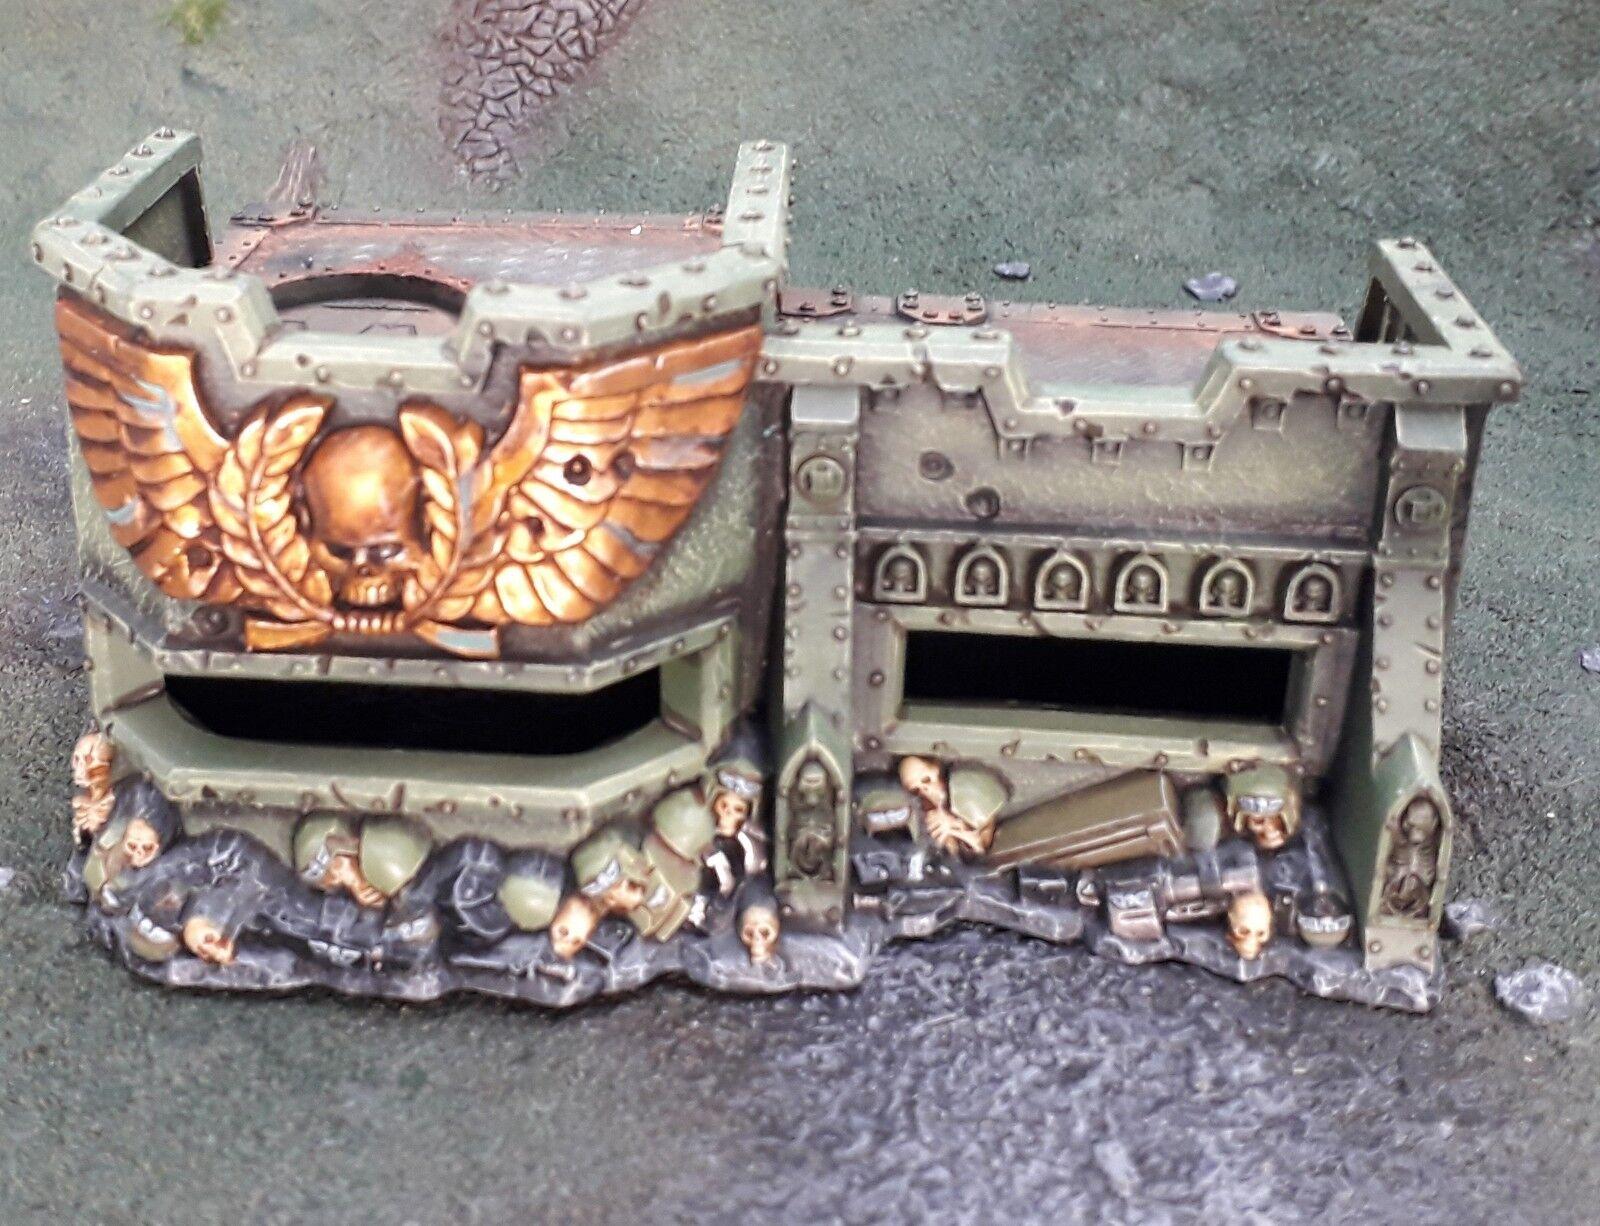 muchas concesiones 40k Parojo de mártires Imperial Bunker Bunker Bunker Pro Pintado  mas barato